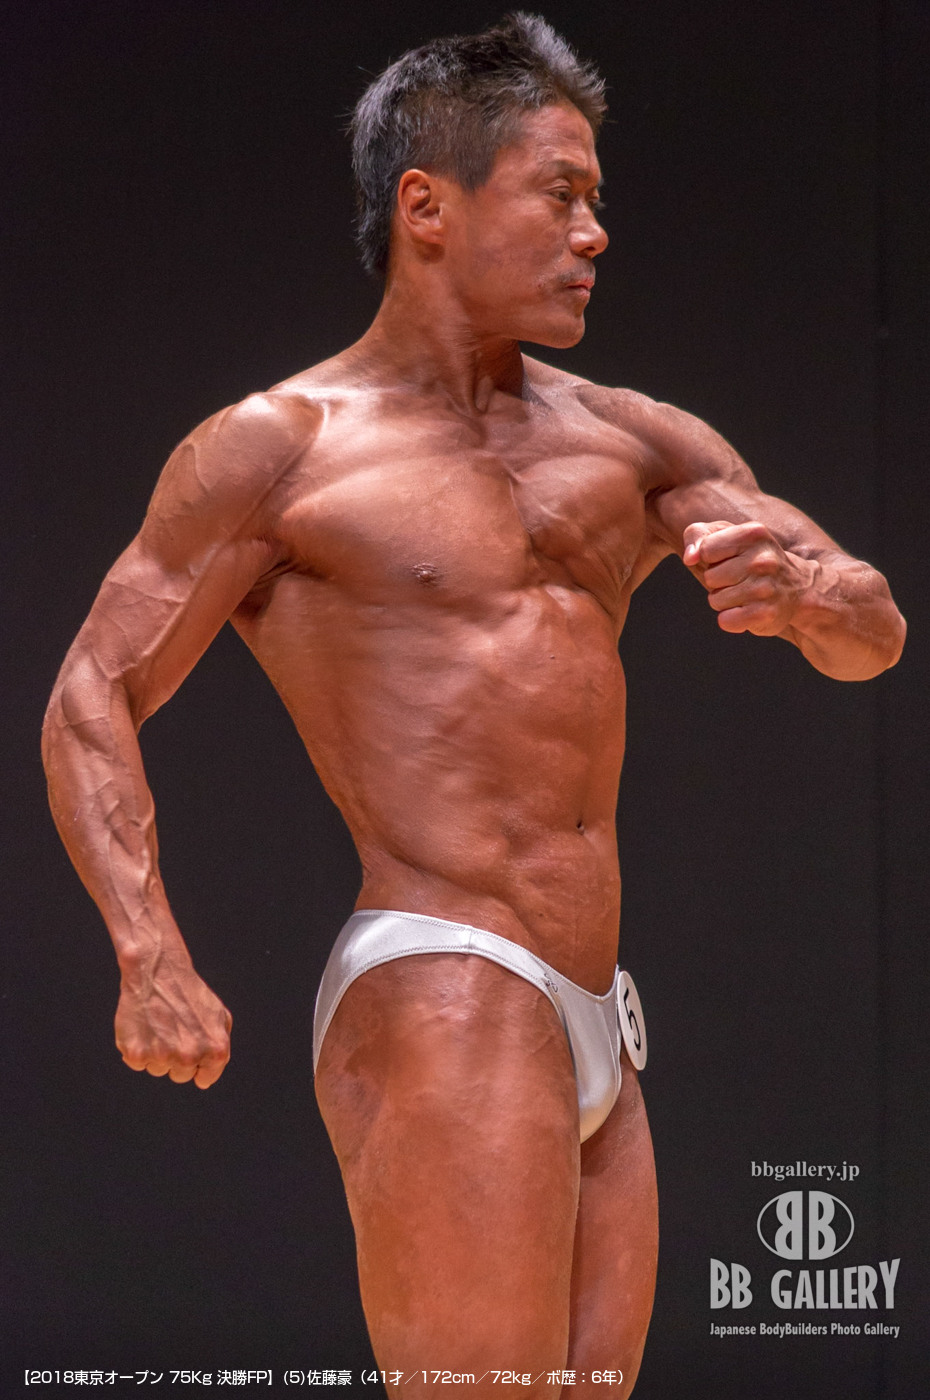 【2018東京オープン 75Kg 決勝FP】(5)佐藤豪(41才/172cm/72kg/ボ歴:6年)